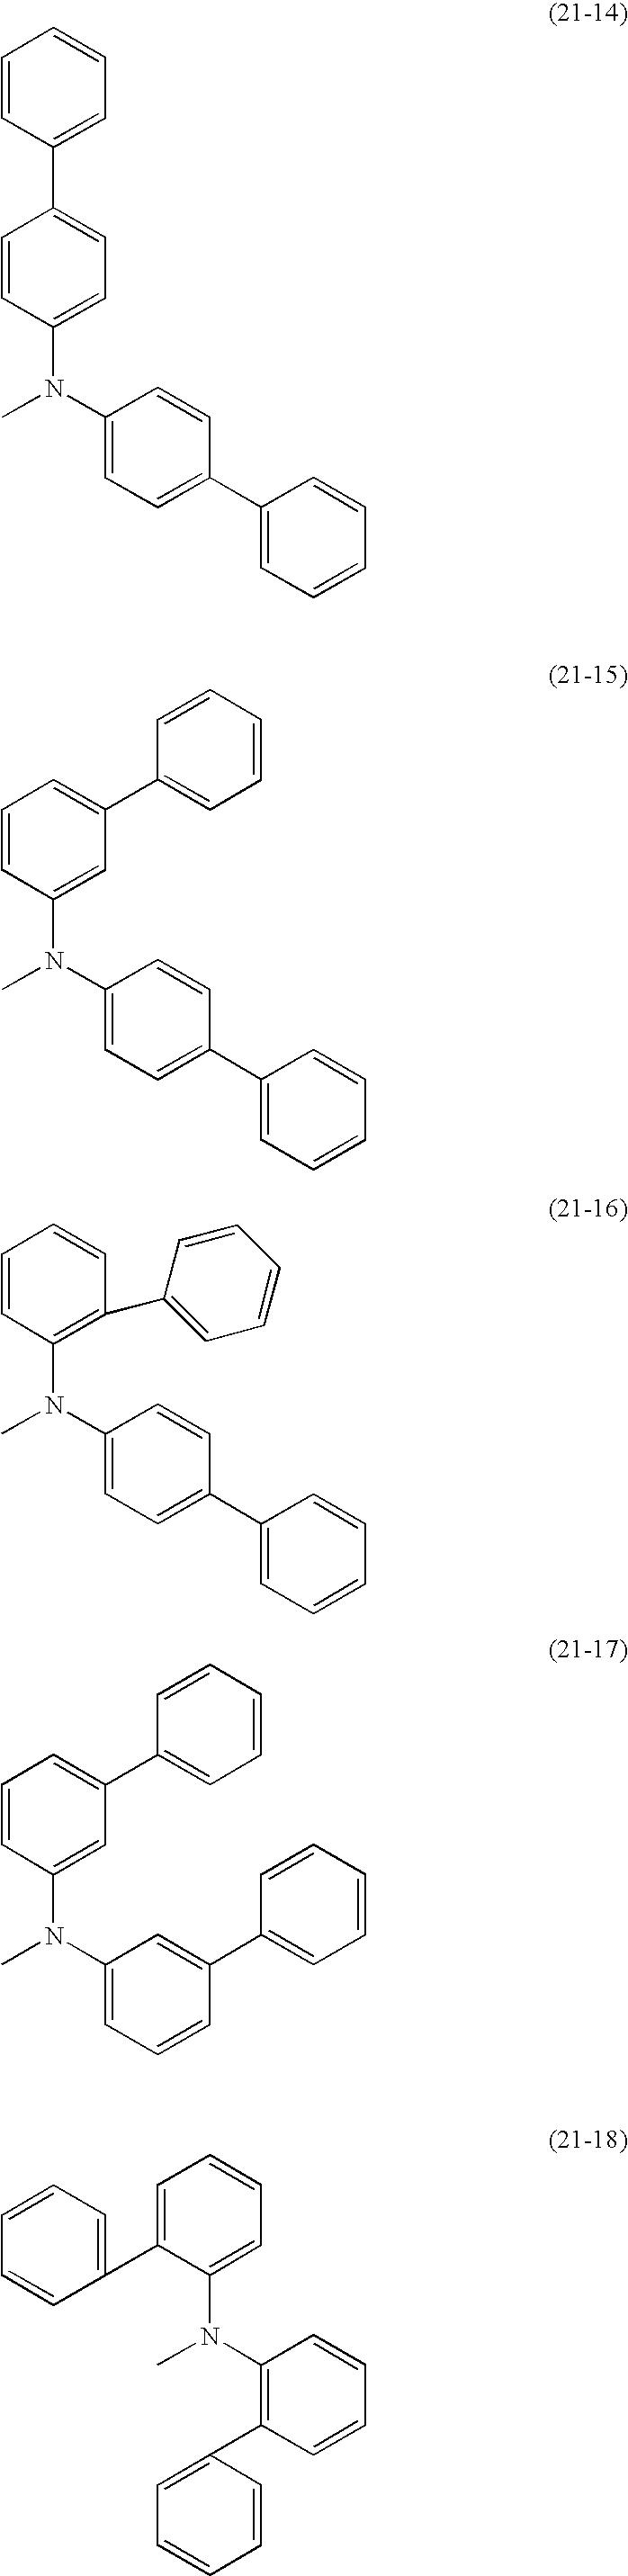 Figure US08178216-20120515-C00020